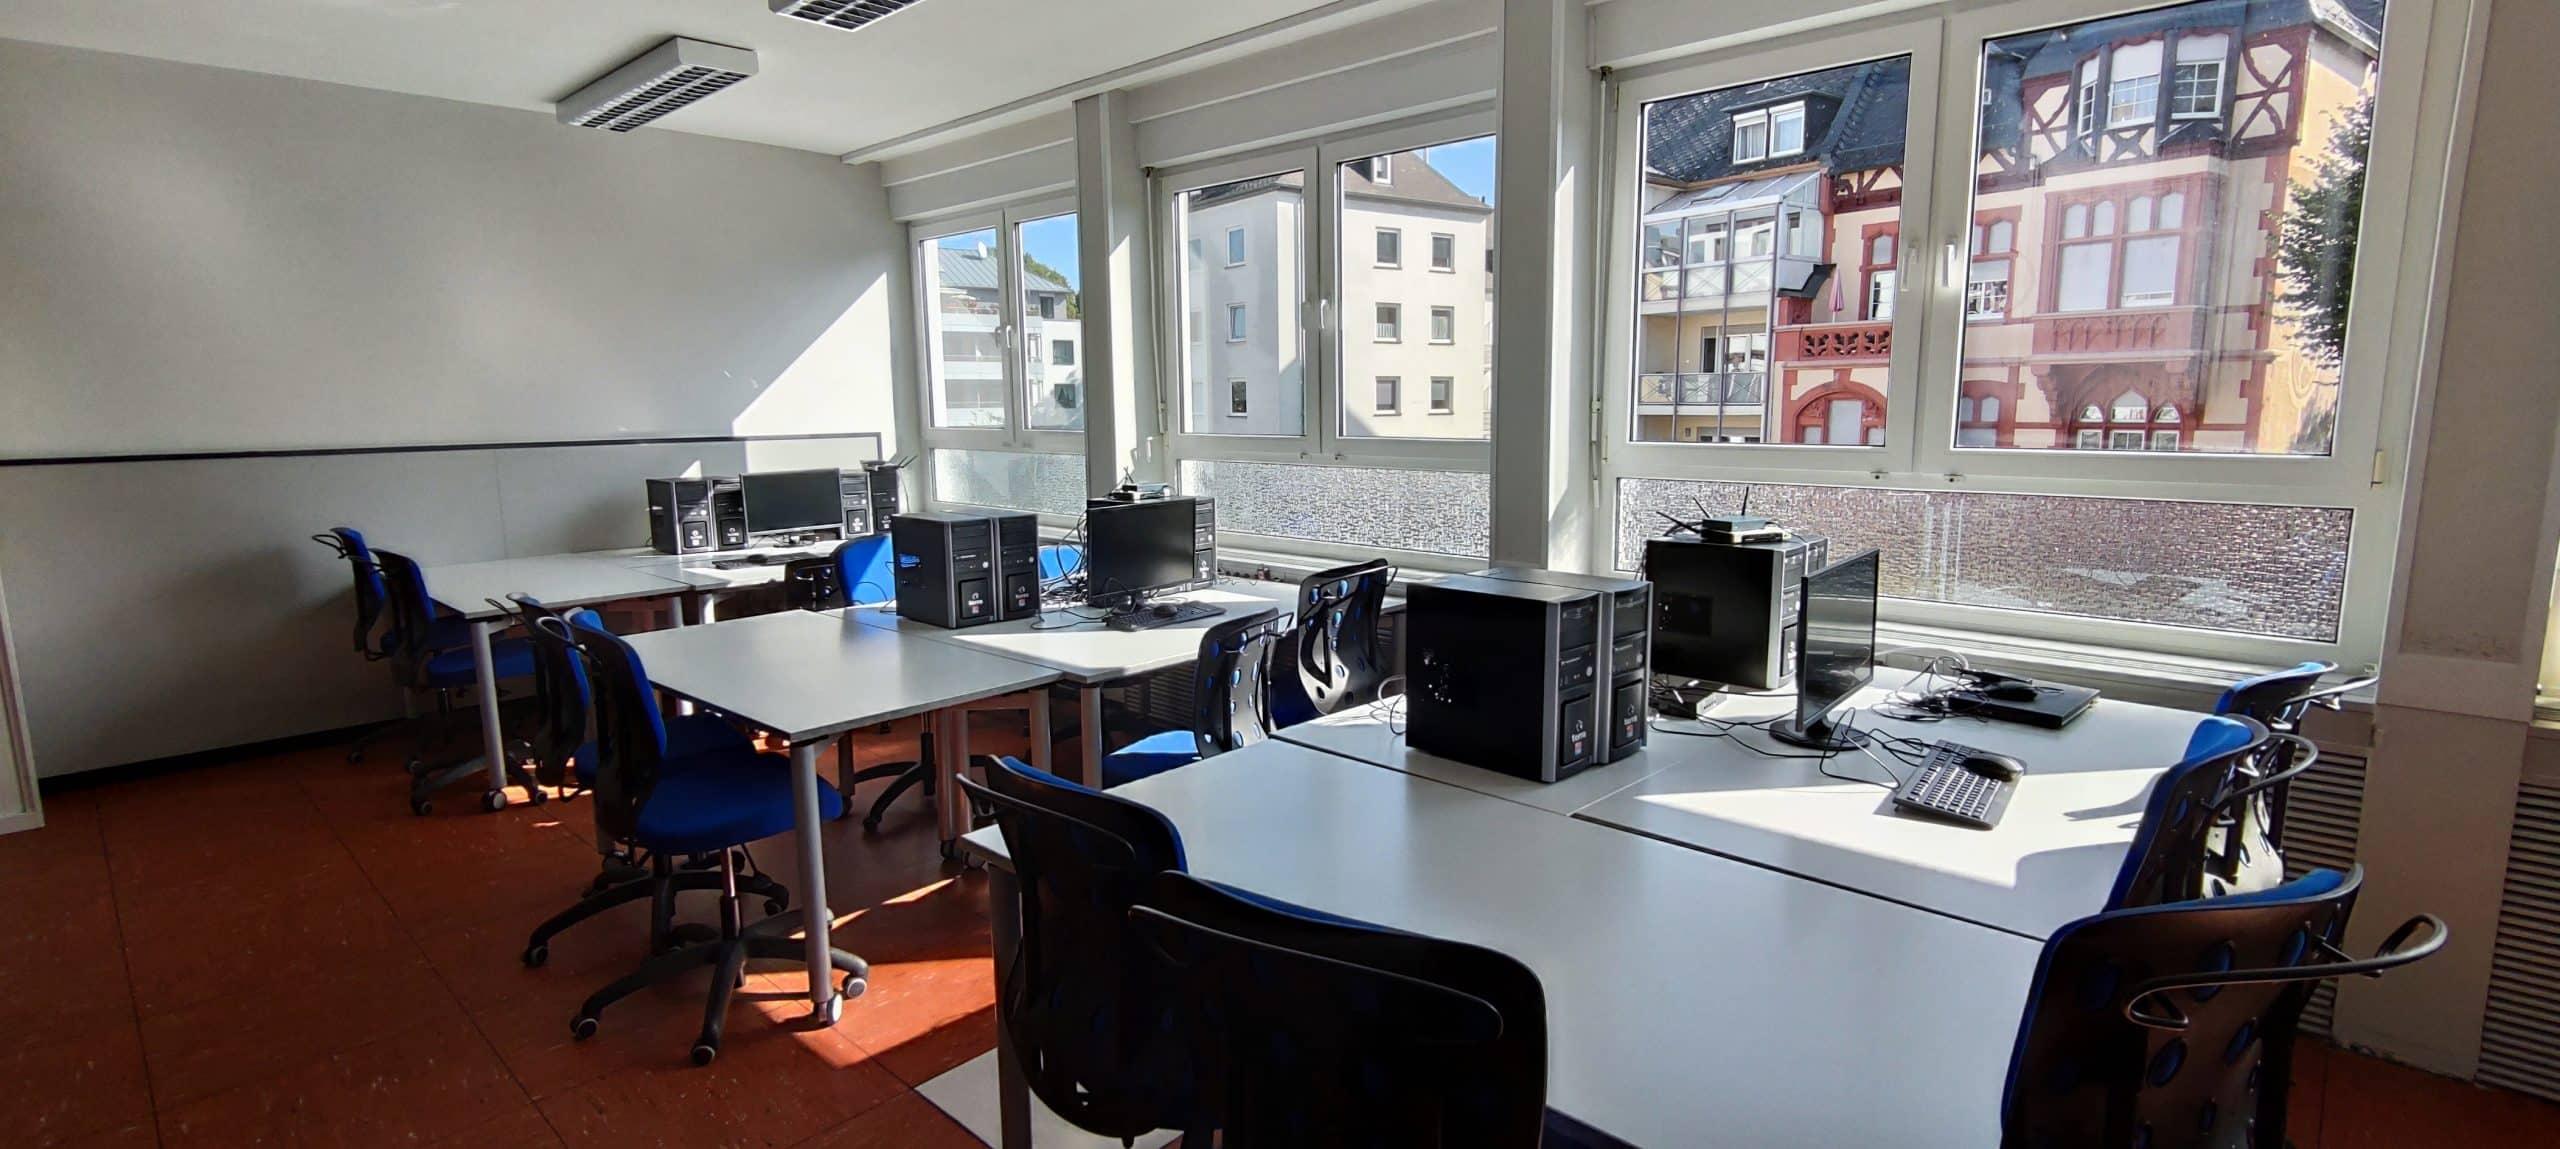 Dr. Zimmermannsche Wirtschaftsschule in Koblenz Klassenraum der HBF IT